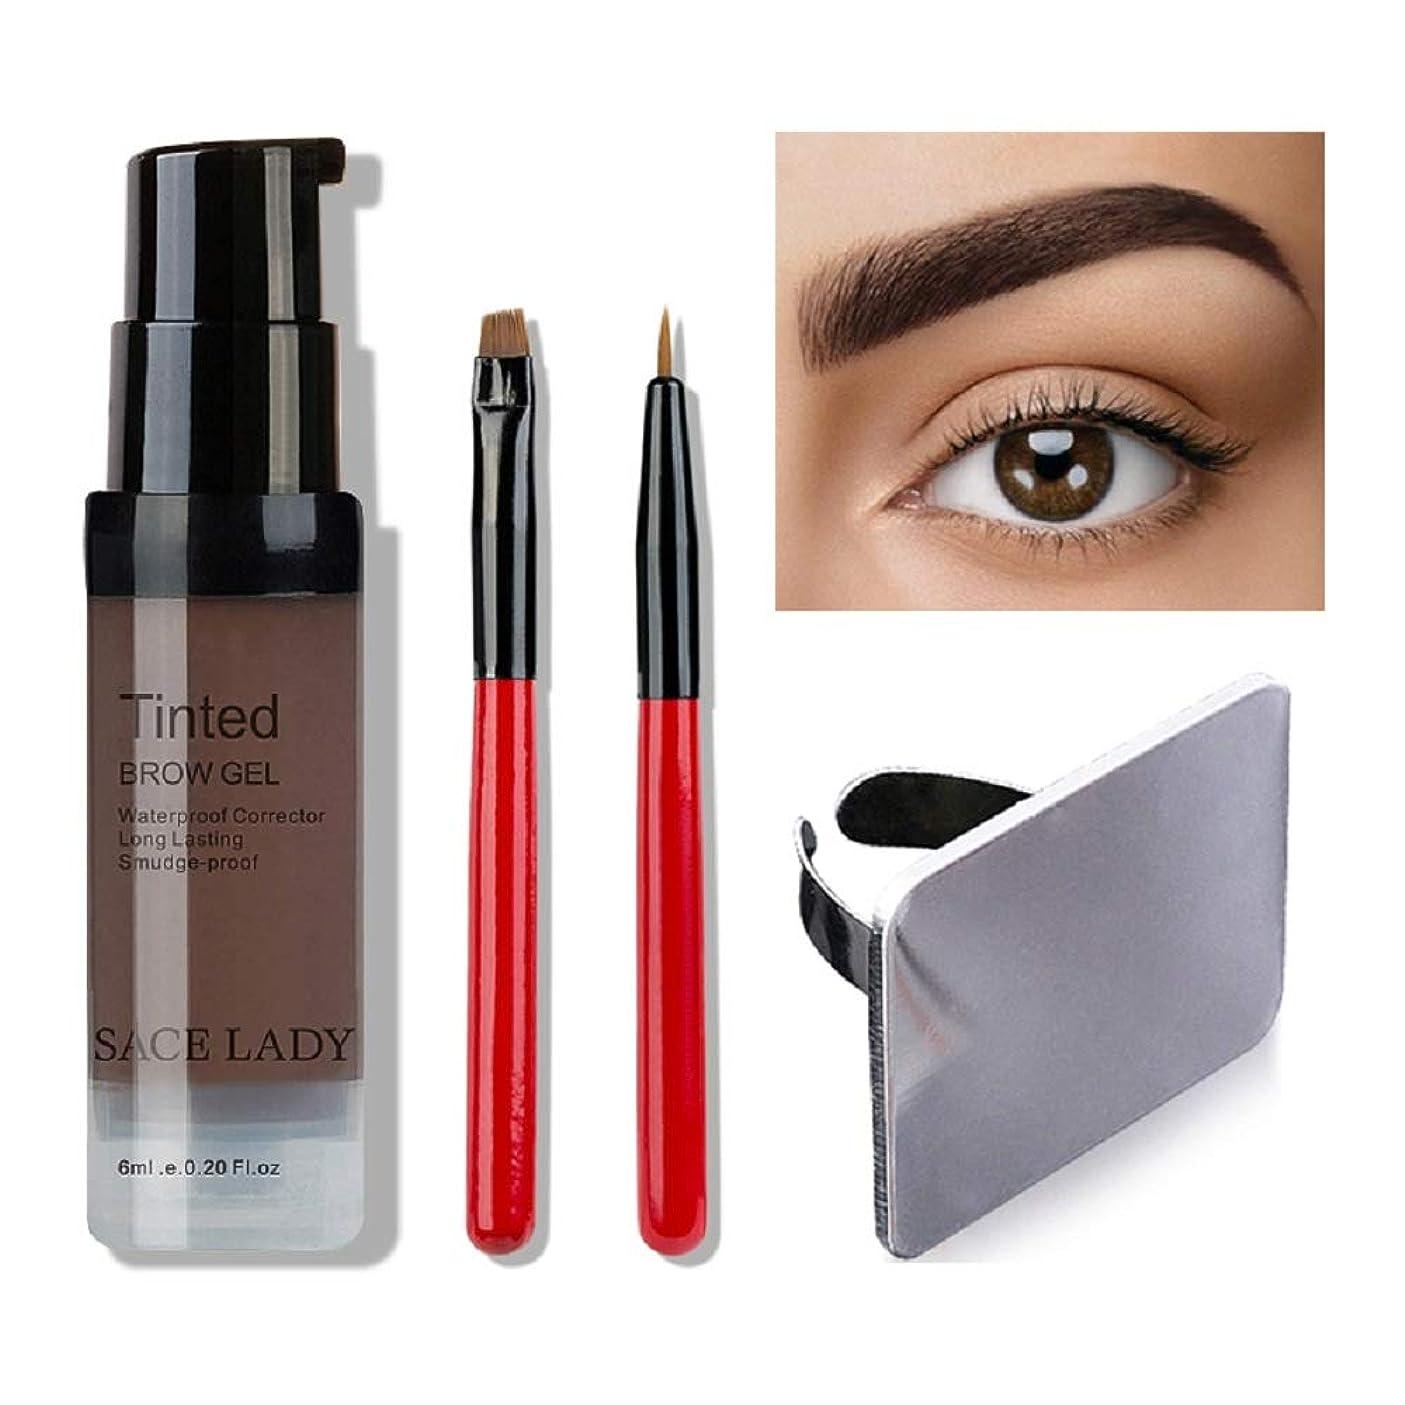 望ましい破滅的なランクWaterproof Eyebrow Shadow Henna Makeup Enhancer Tint Brush Kit Eye Brow Gel Cream Make Up Set Paint Tool Wax Cosmetic (Dark Brown) 防水眉毛シャドウヘナメイクアップエンハンサティントブラシキットアイブロジェルクリームメイクアップペイントツールワックス化粧品(ダークブラウン)